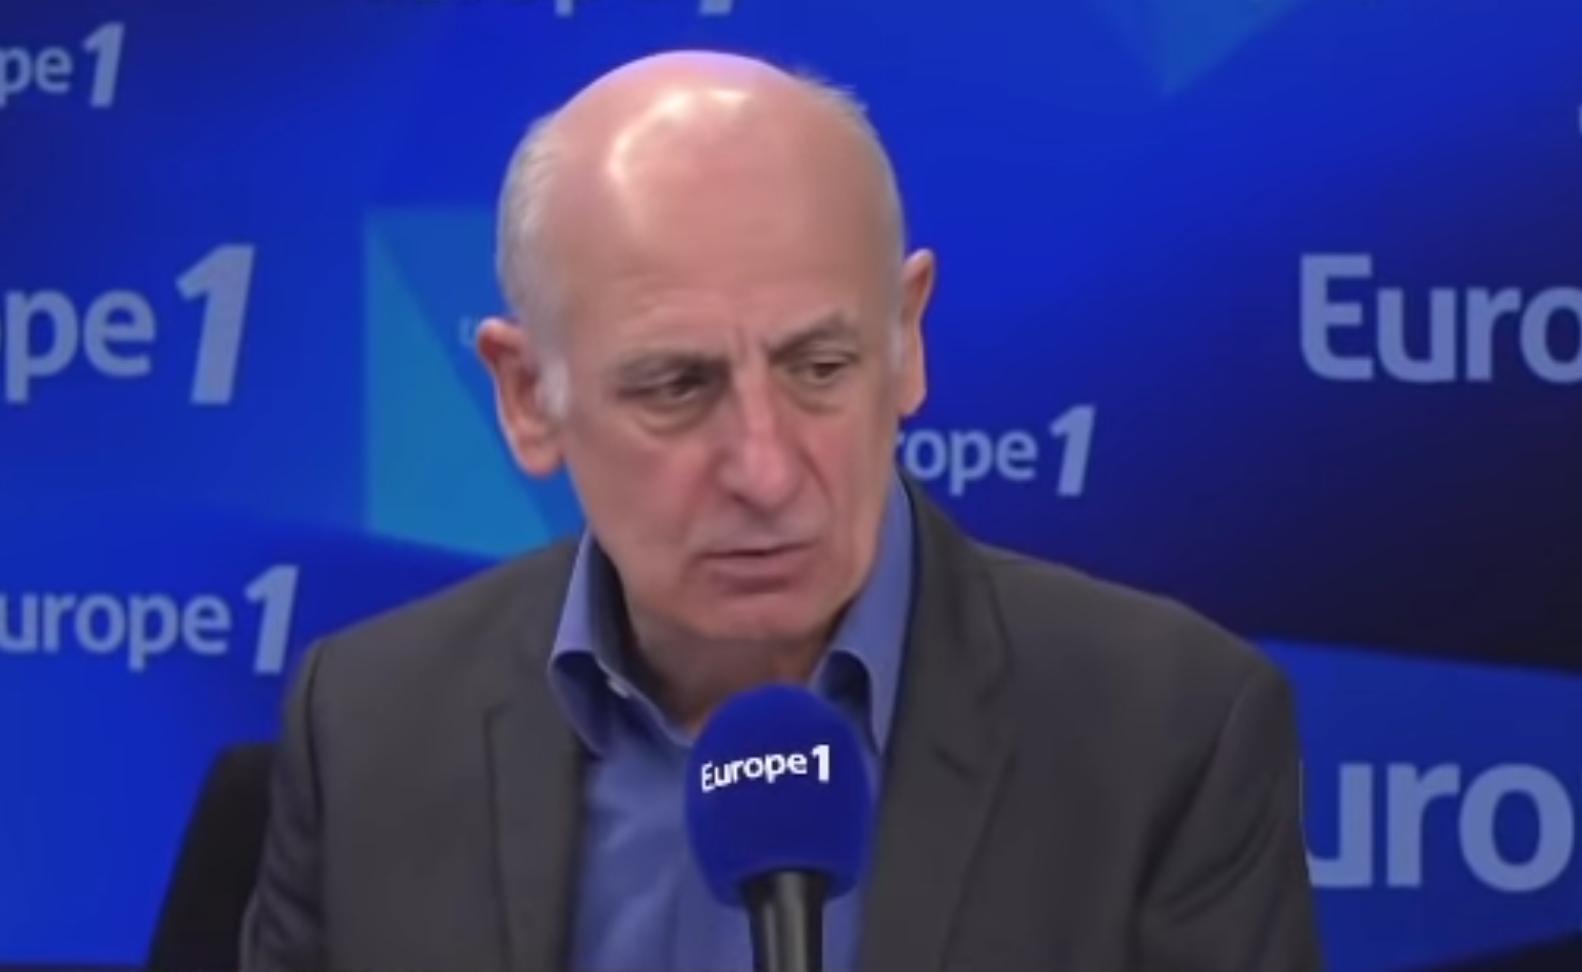 Jean-Michel Aphatie disjoncte après l'annonce de la diffusion de la messe de l'Assomption le 15 août prochain sur C8